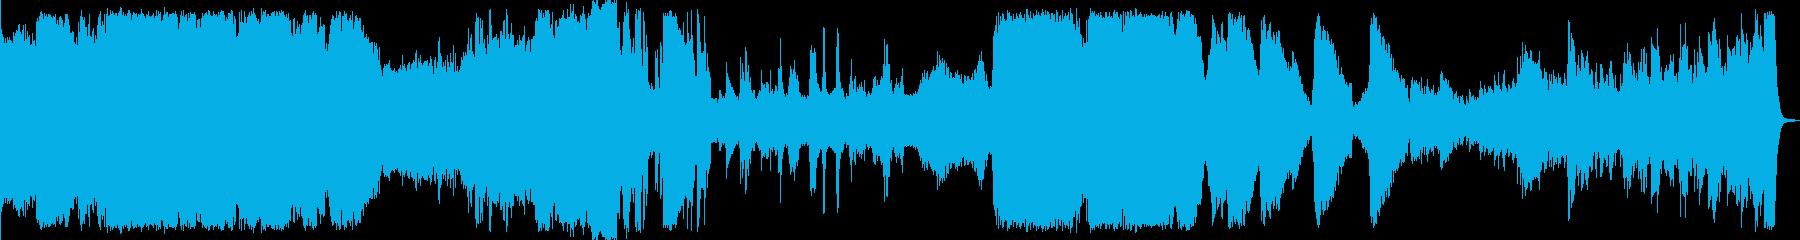 映画のサウンドトラック(SF、ホラー)の再生済みの波形